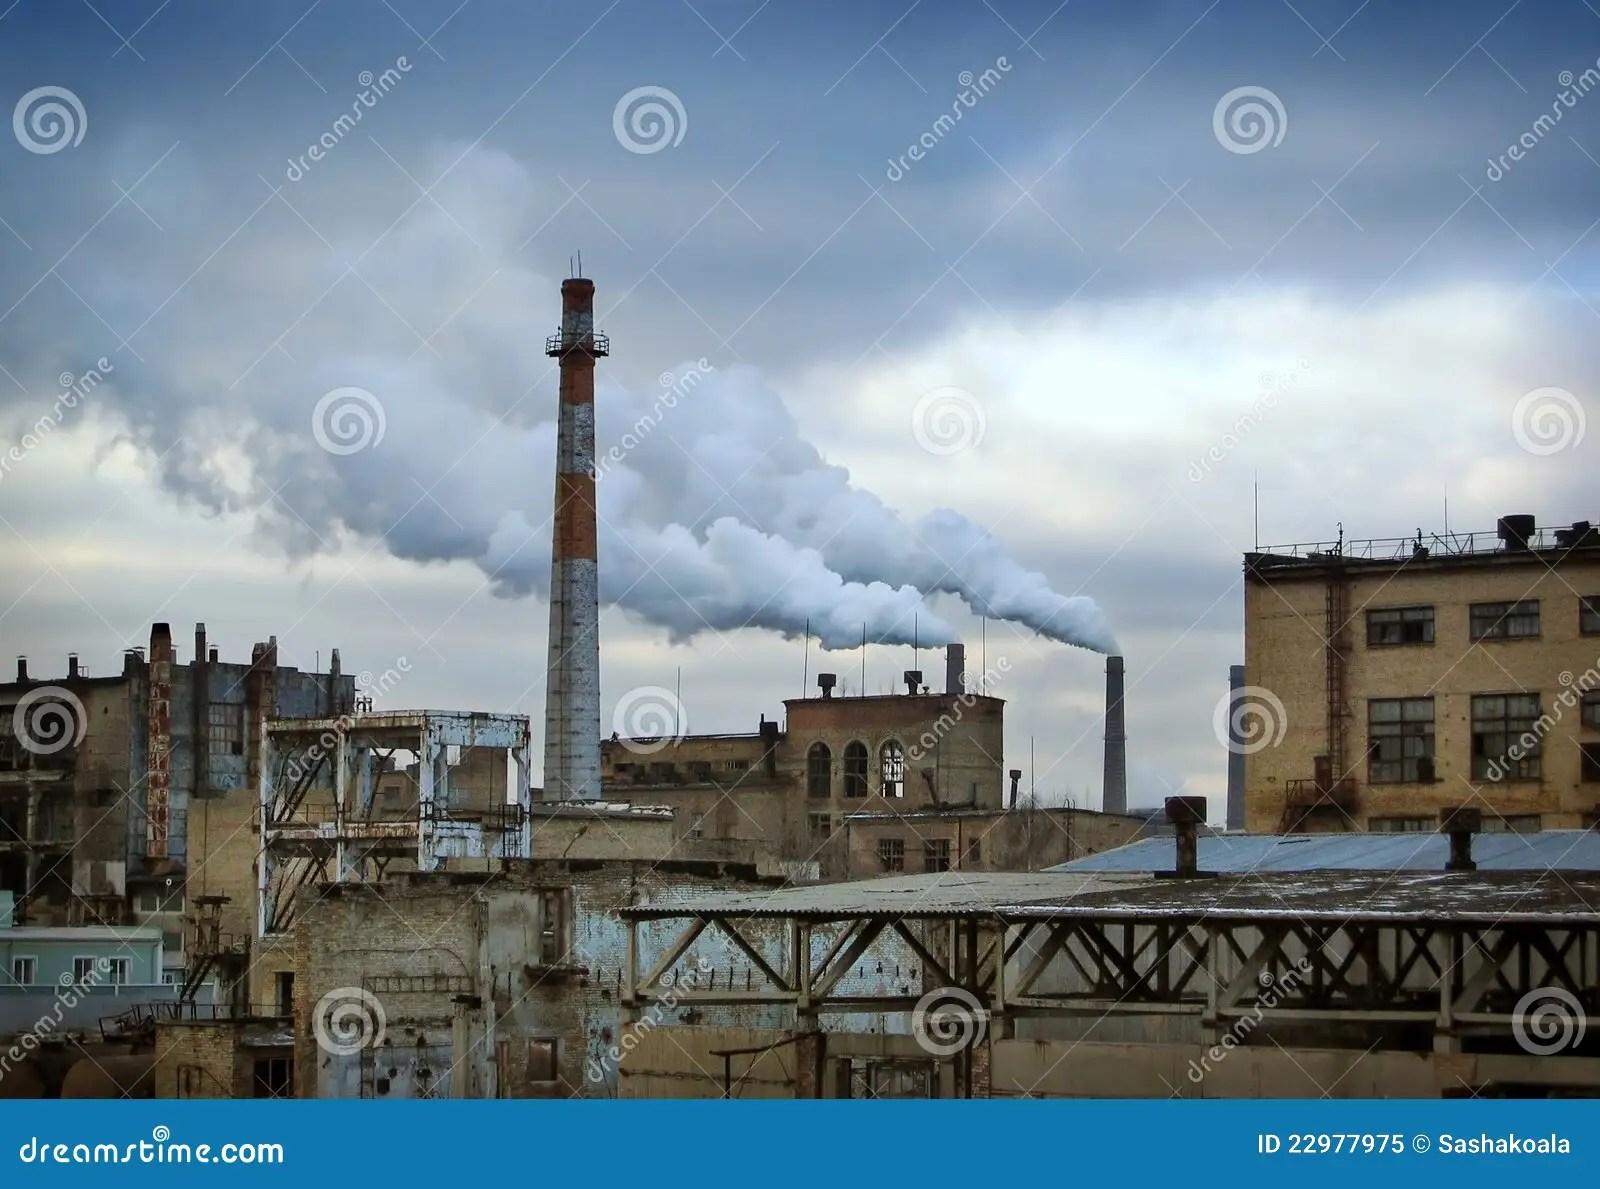 Paesaggio Industriale Con La Centrale Elettrica Fotografia